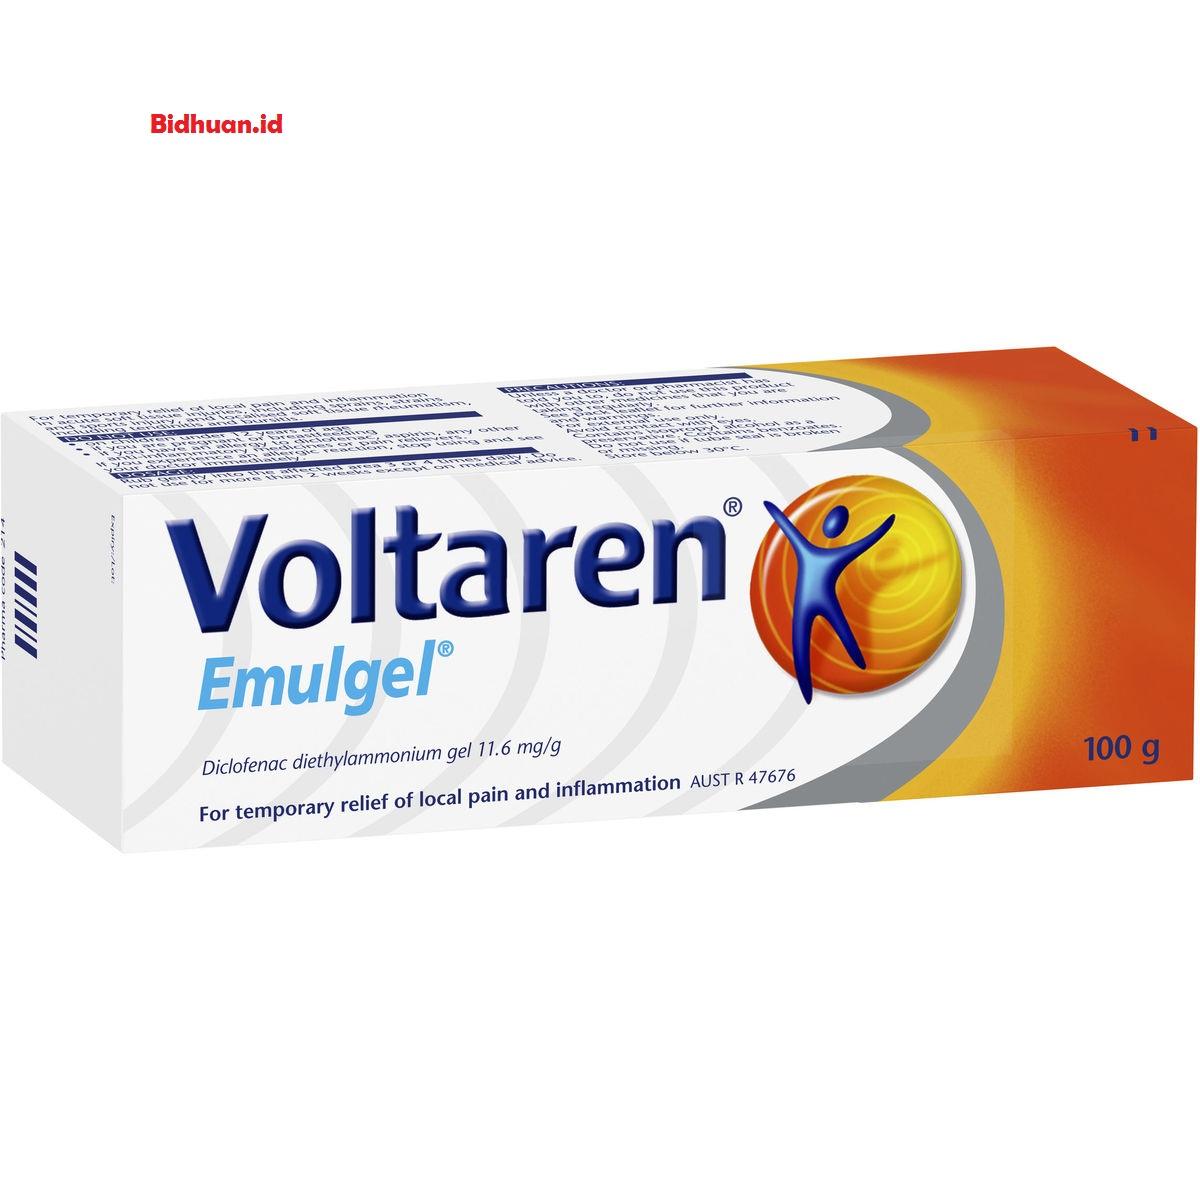 Obat kecetit di apotek yaitu Voltaren